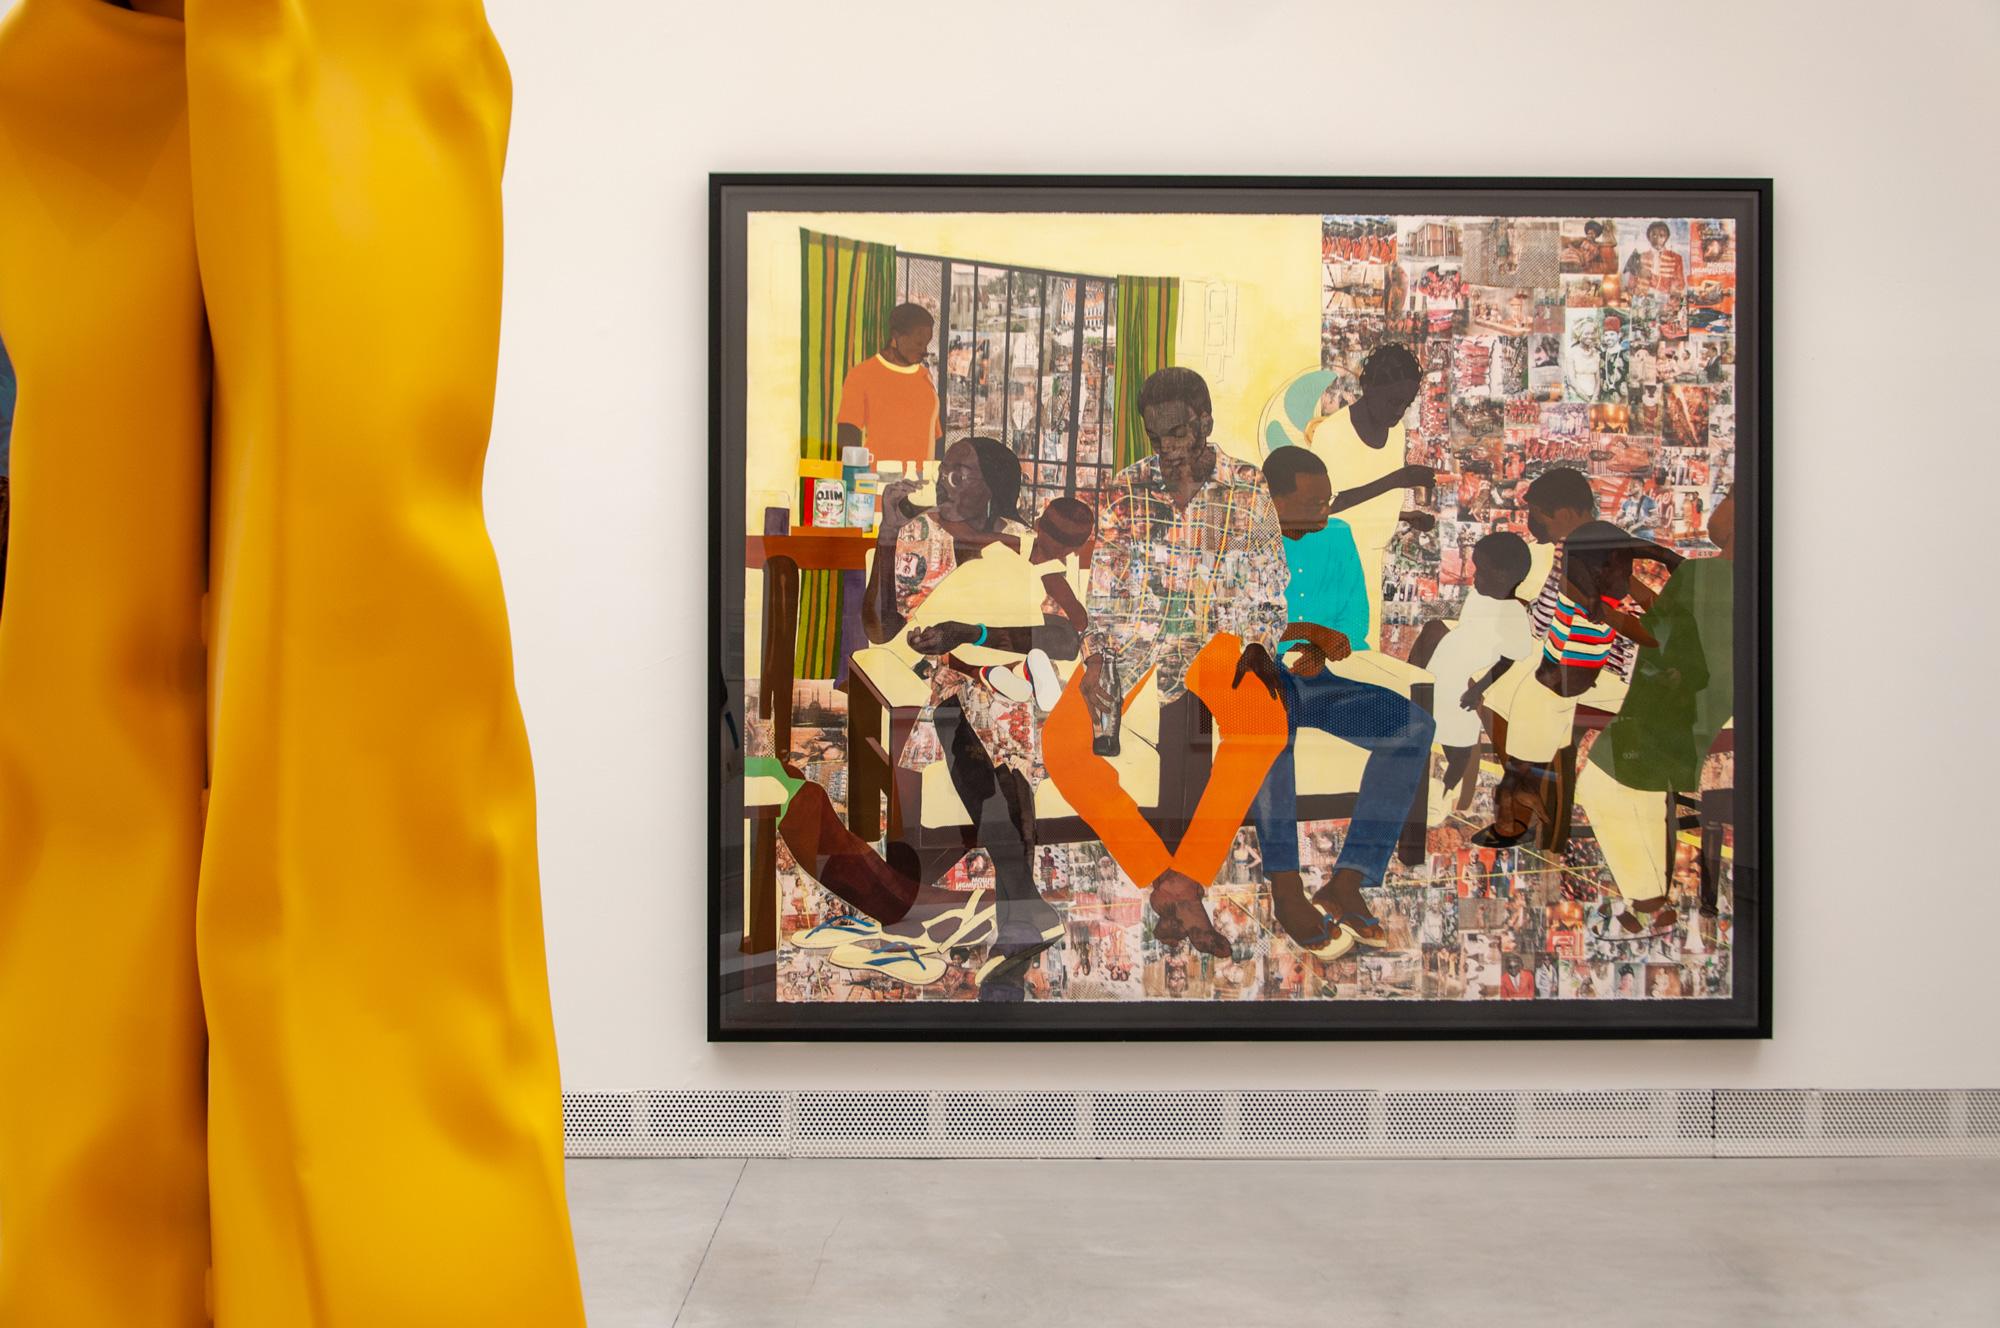 Padiglione Centrale Giardini, Biennale Arte 2019, Njideka Akunyili Crosby ph. Irene Fanizza